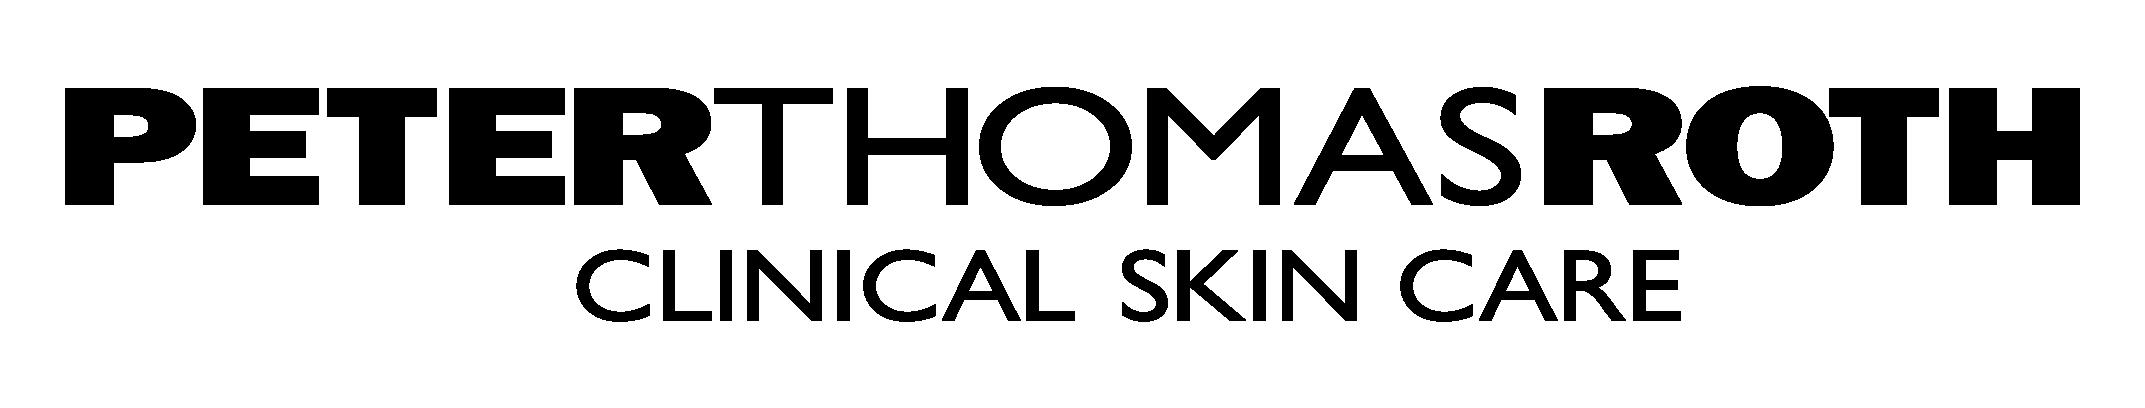 LOGO-PTR-01